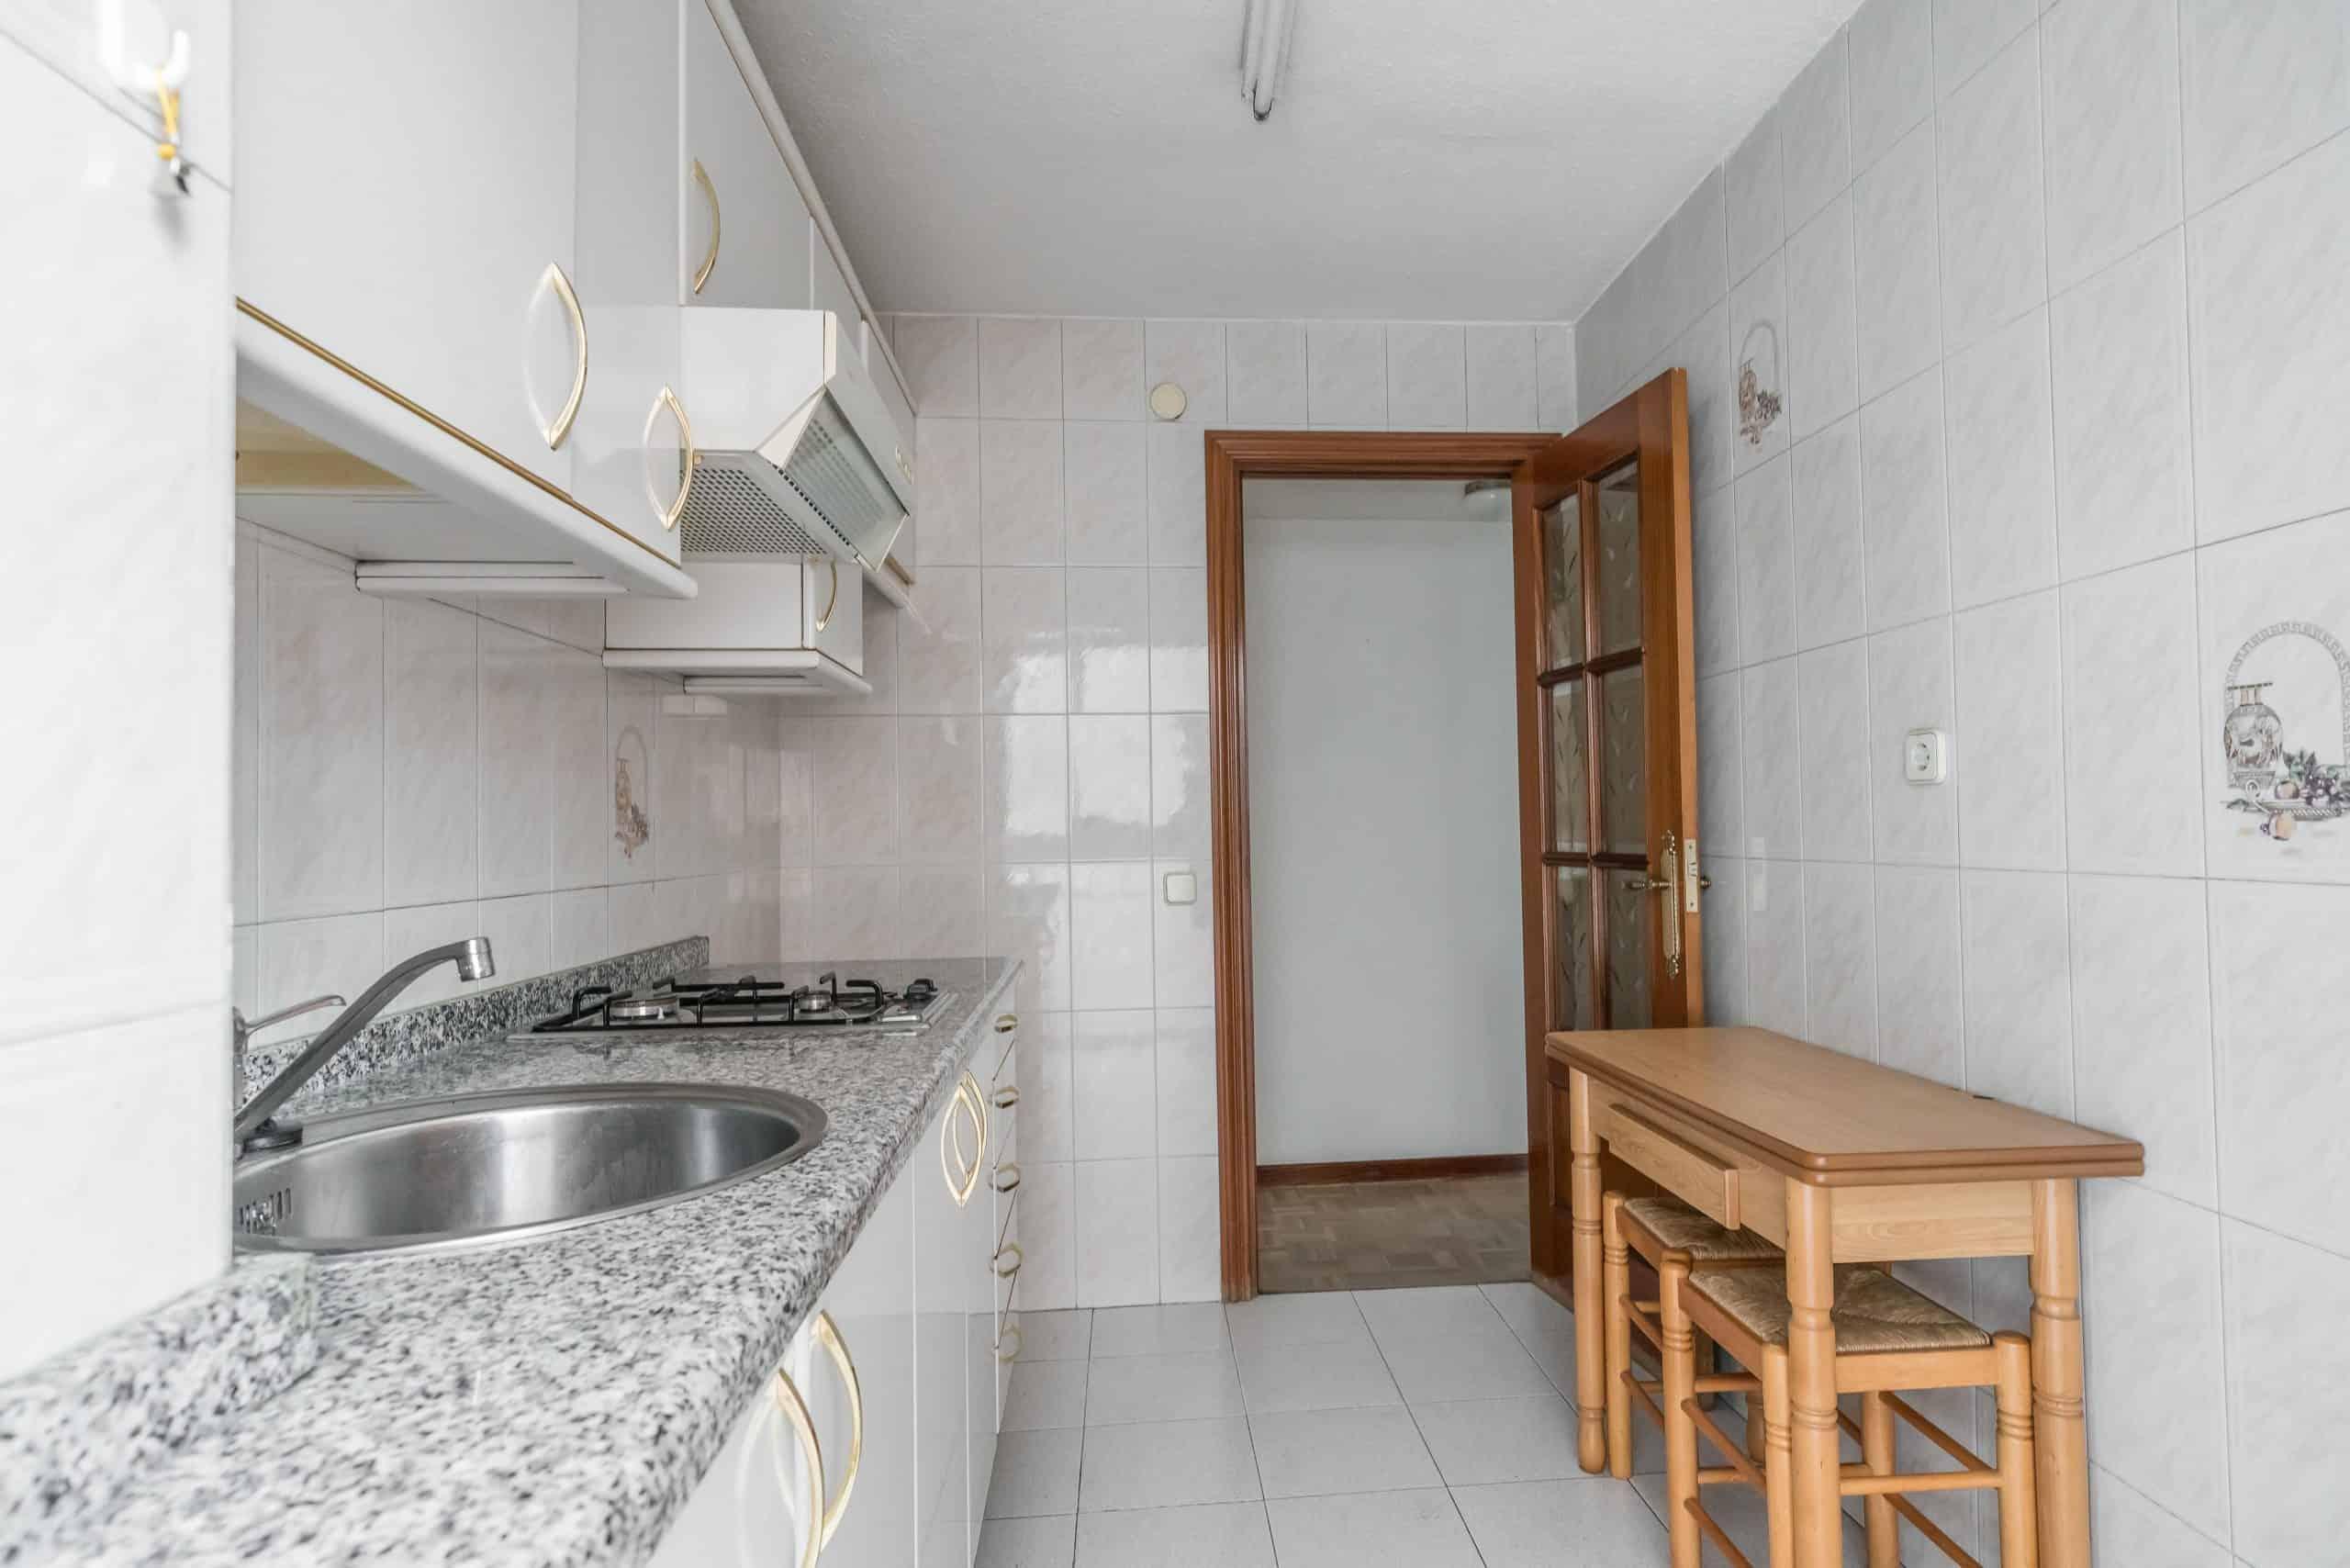 Agencia Inmobiliaria de Madrid-FUTUROCASA-Zona ARGANZUELA-LEGAZPI -calle Jaime Conquistador 48- Cocina 5